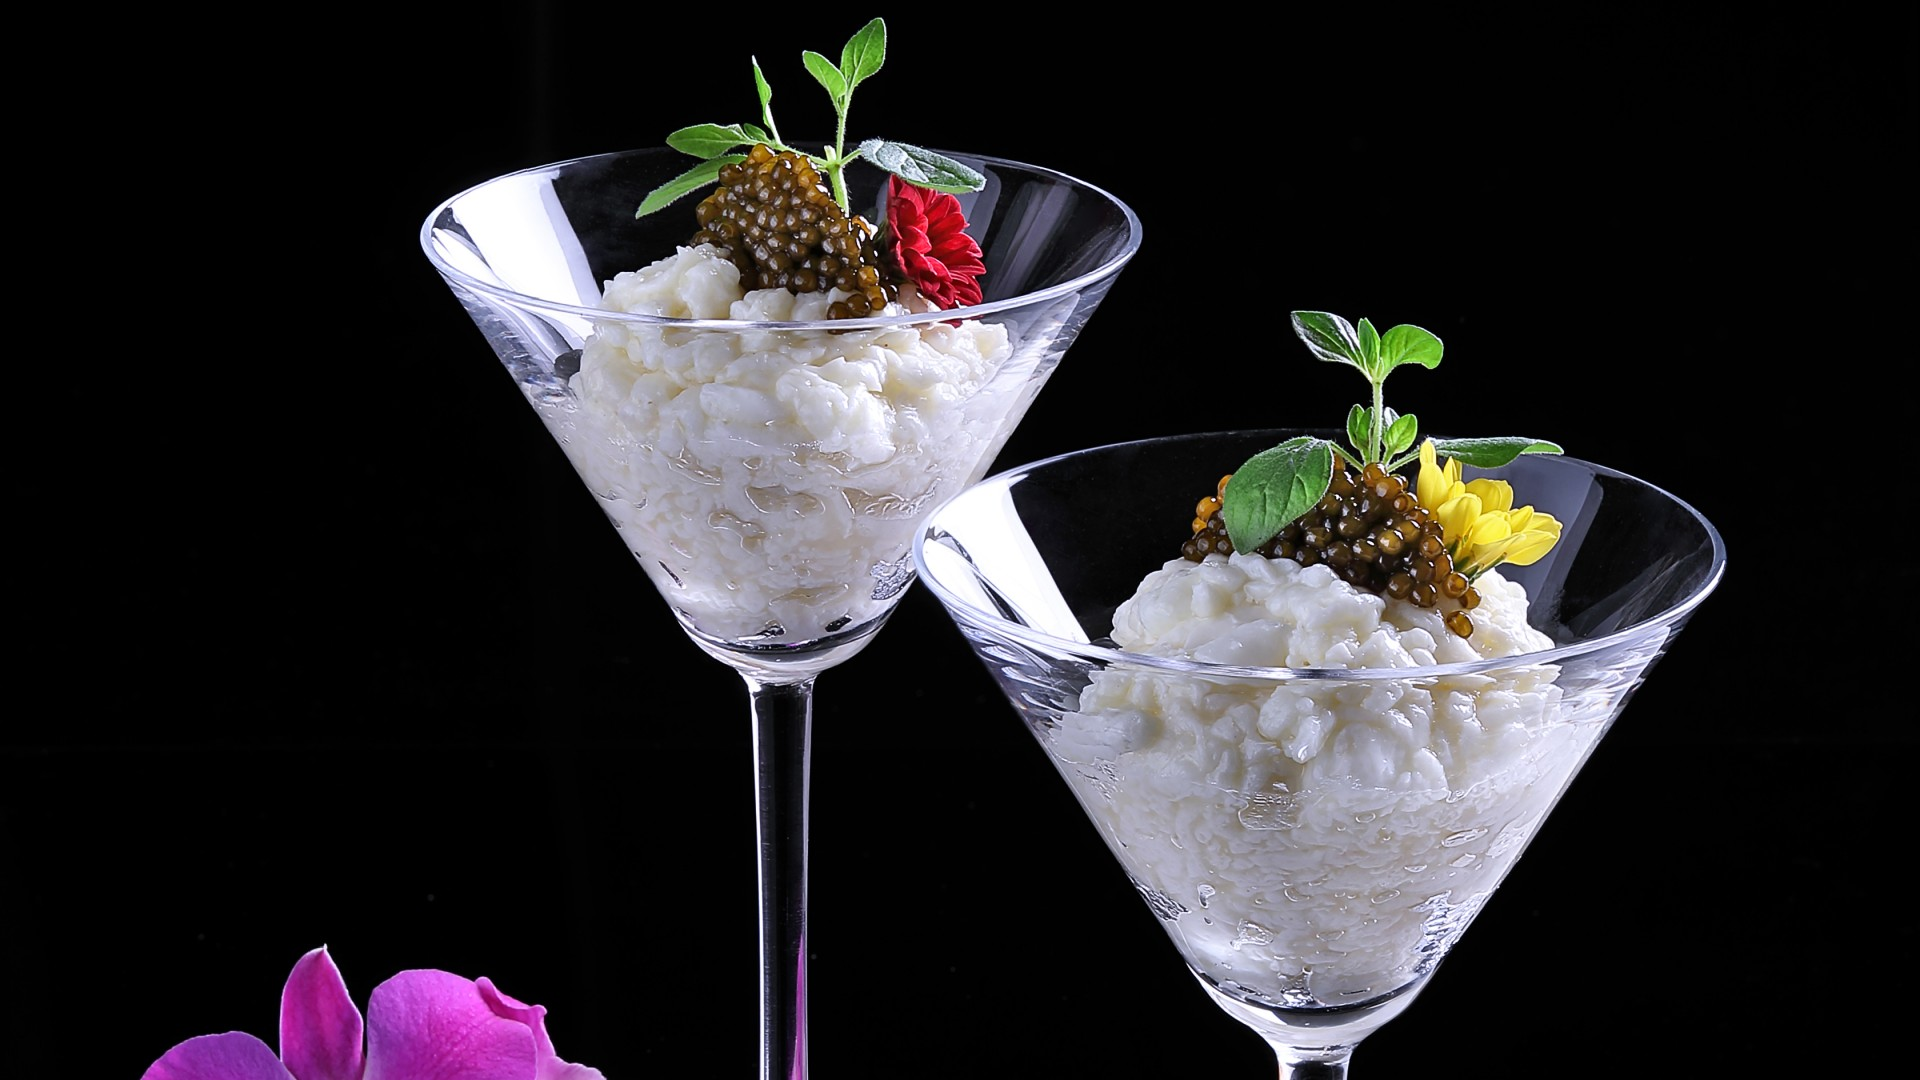 Caviar on egg white